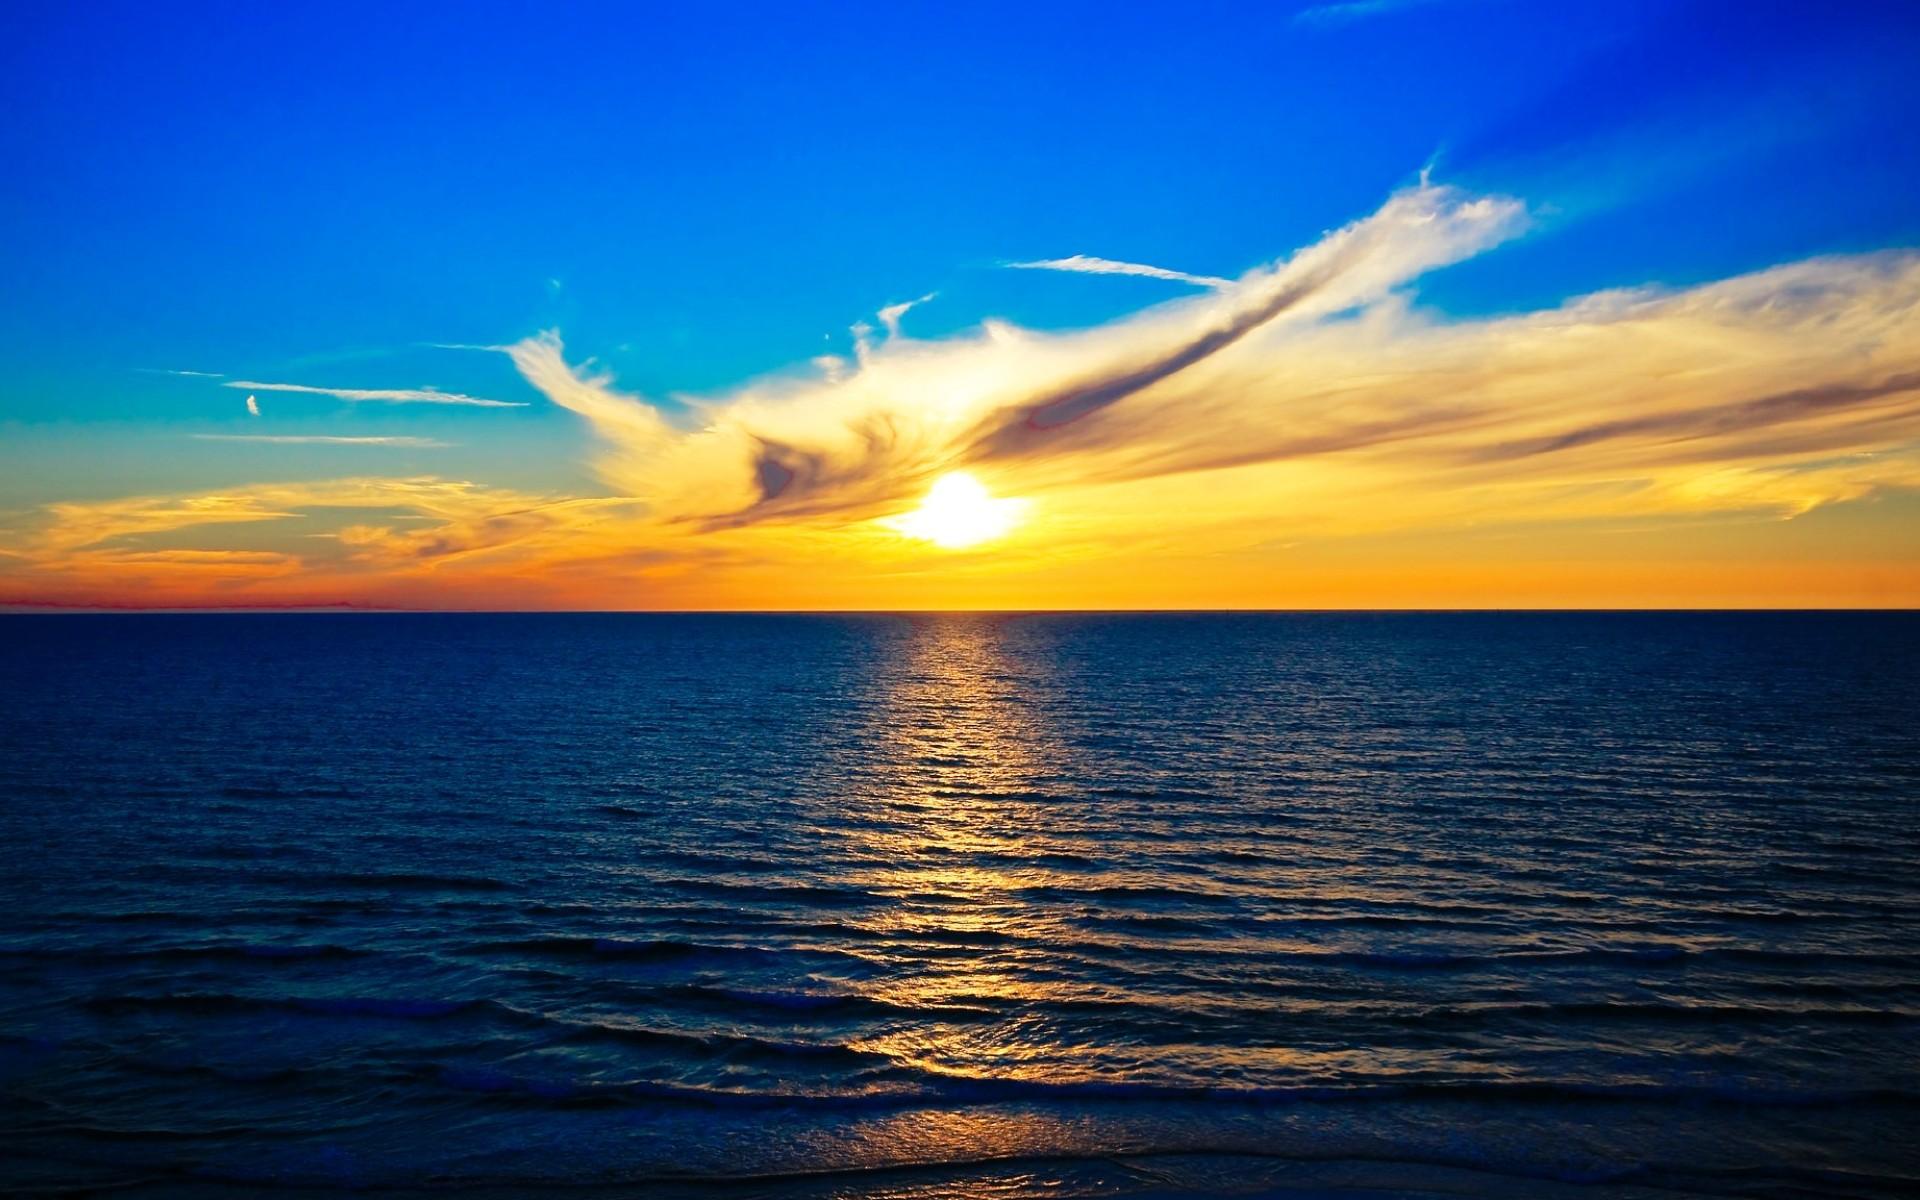 Море и солнце картинки